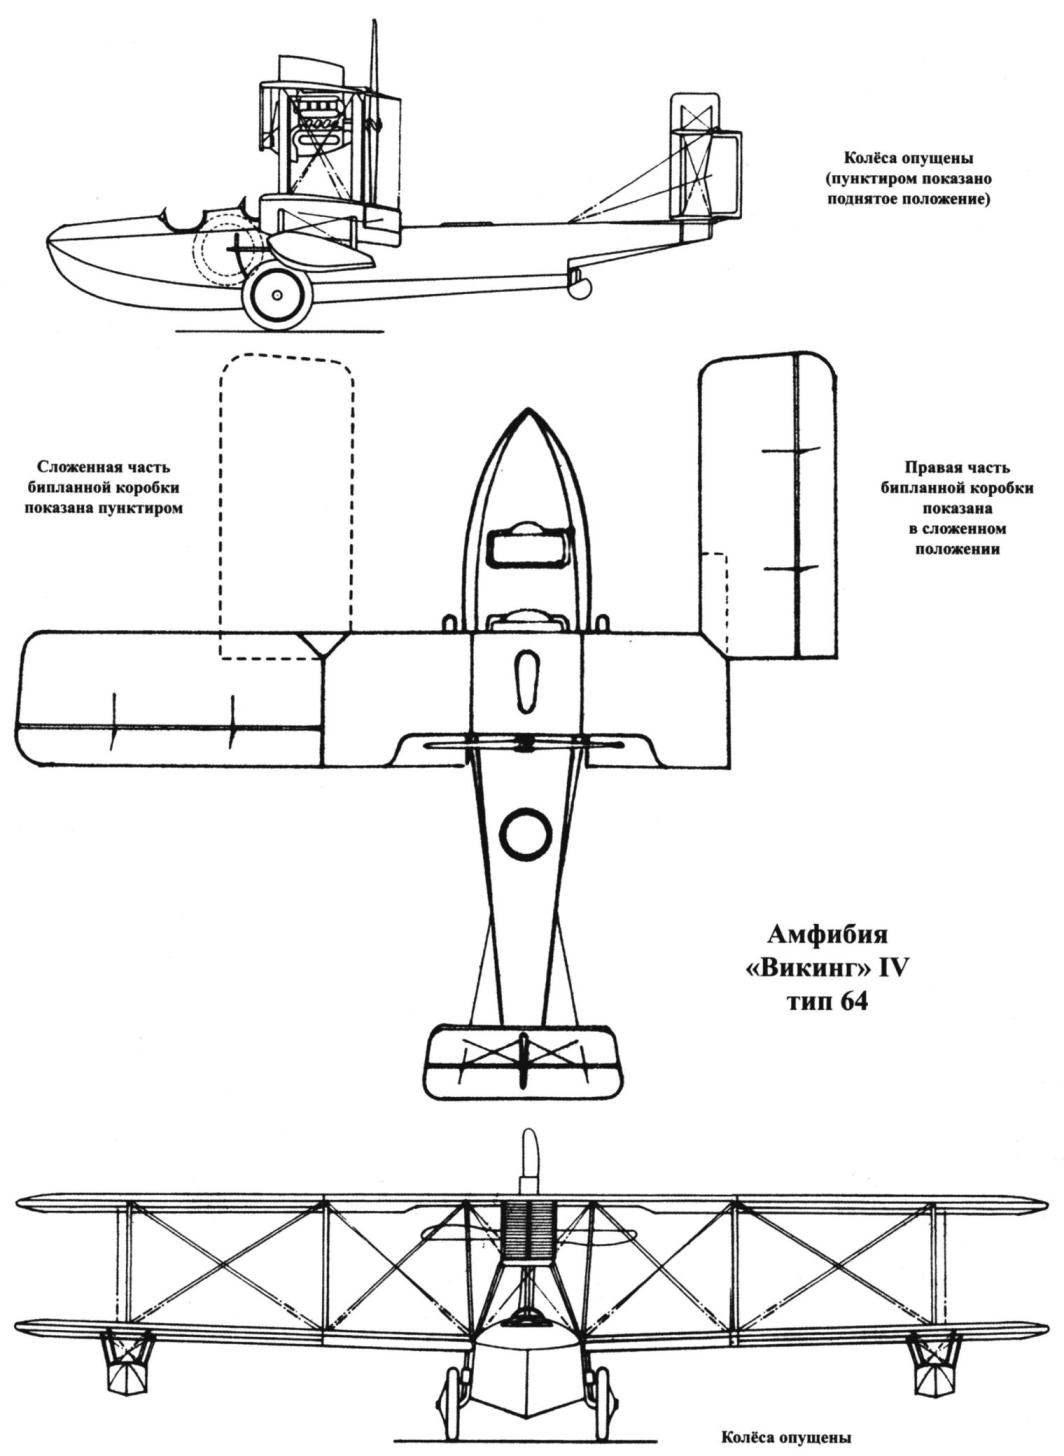 Амфибия «Викинг» IV тип 64